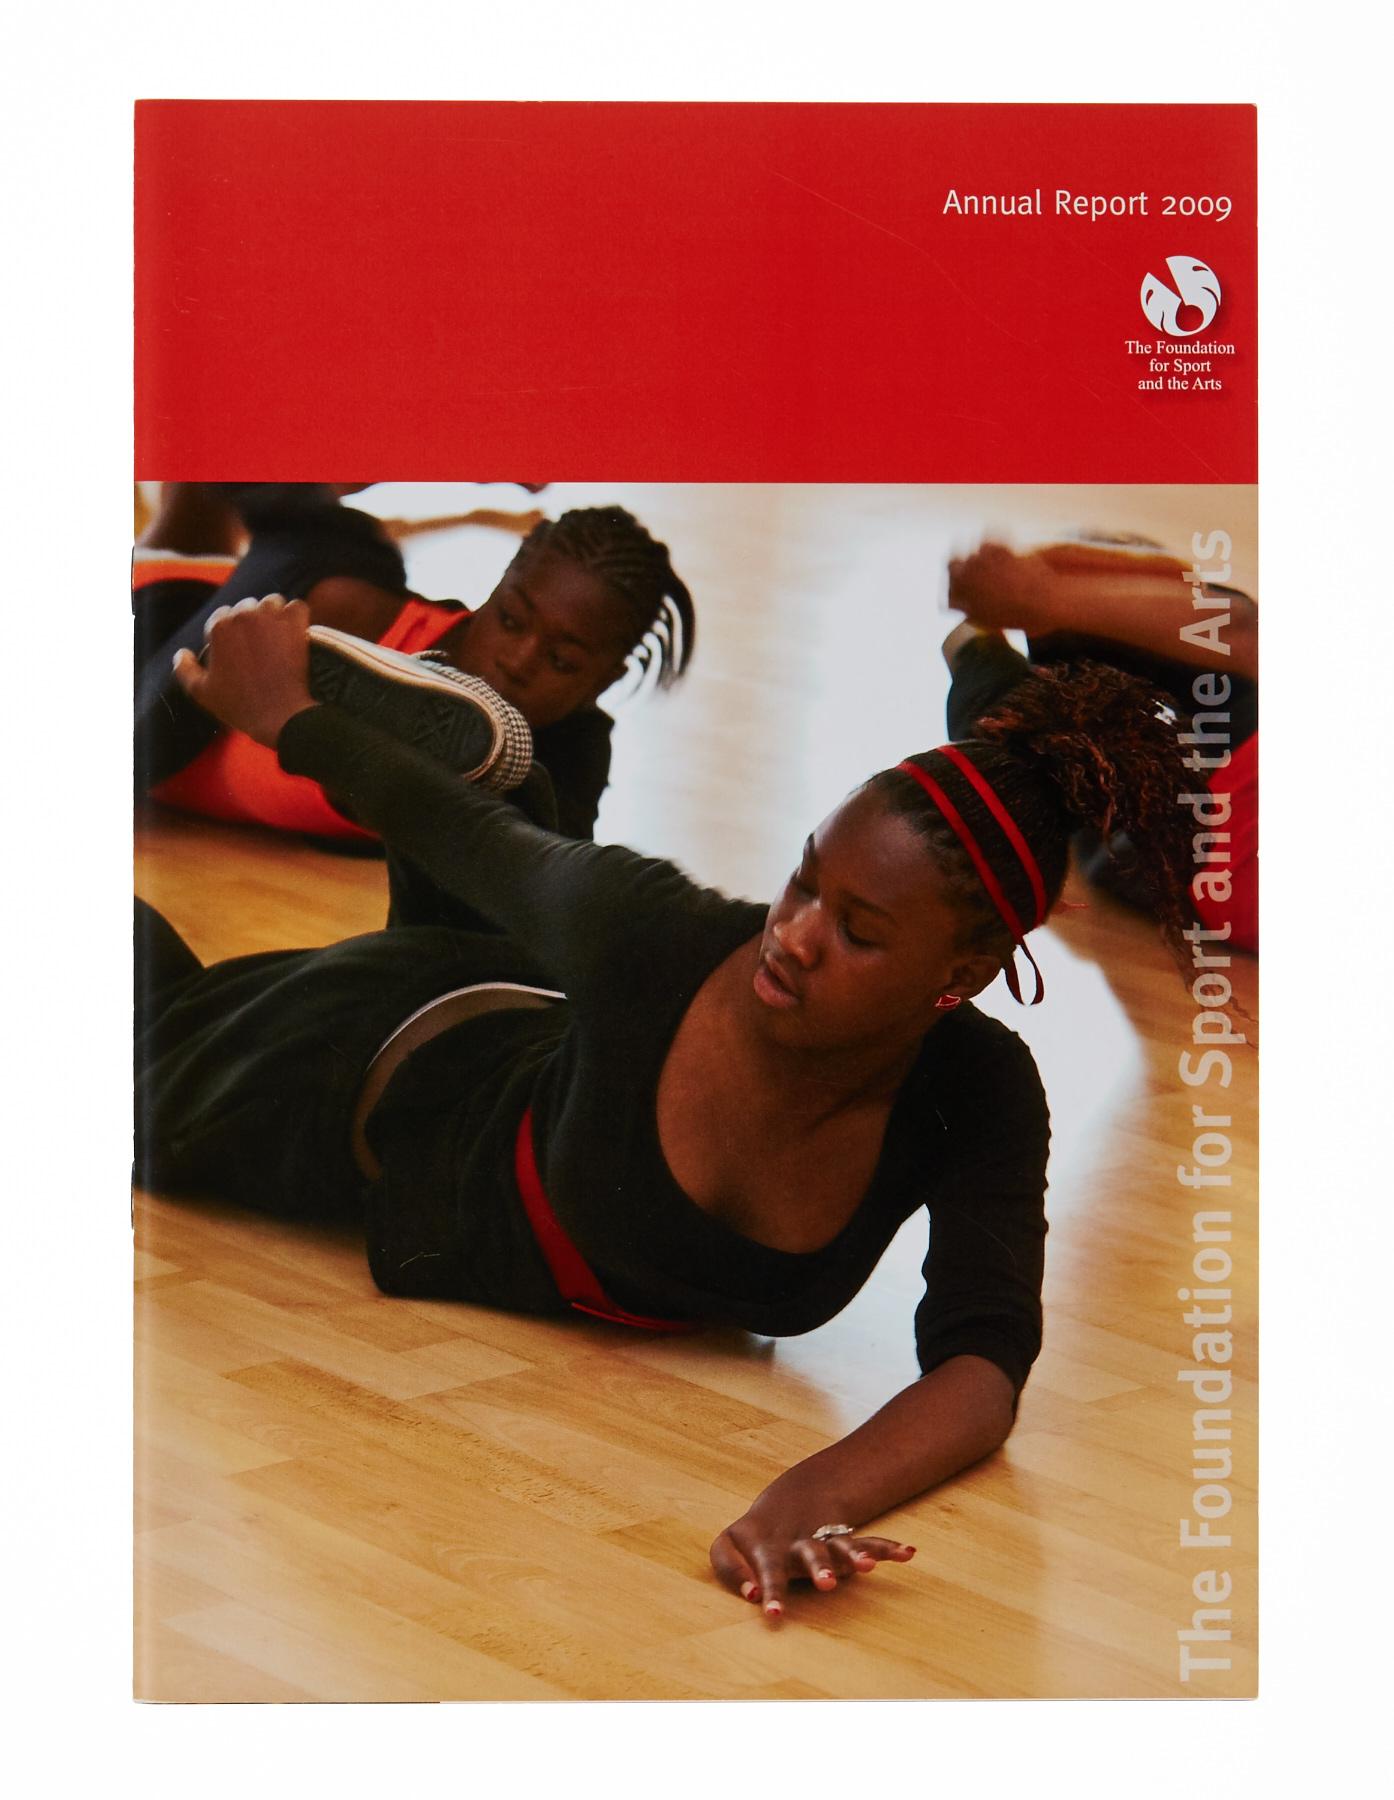 foundation-sport-arts-2009-01.jpg